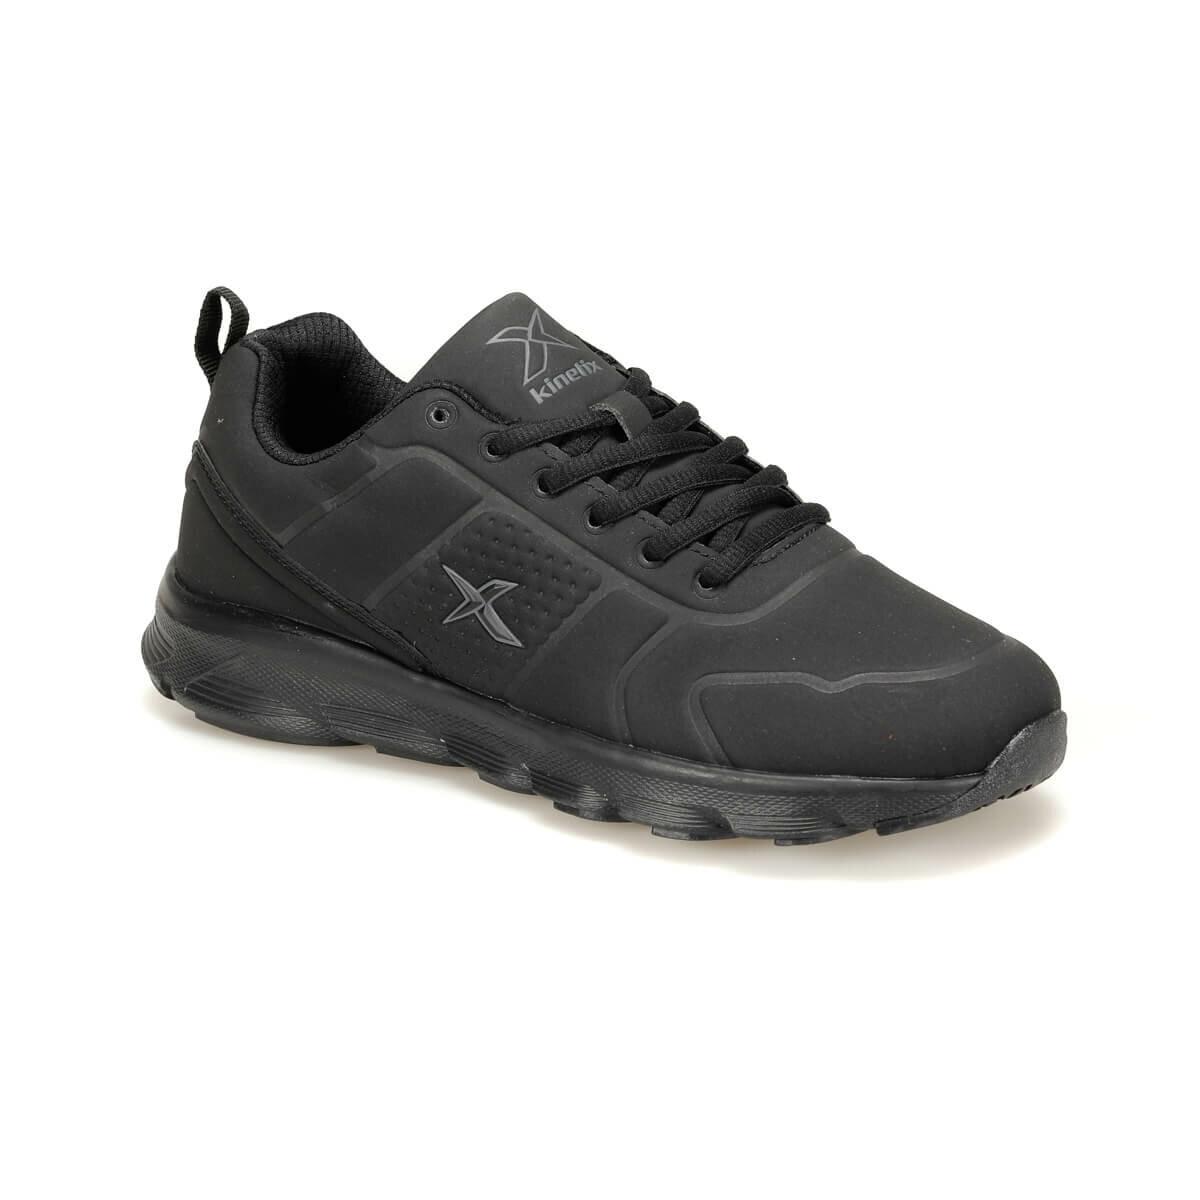 FLO ALMERA II Black Men 'S Sneaker Shoes KINETIX